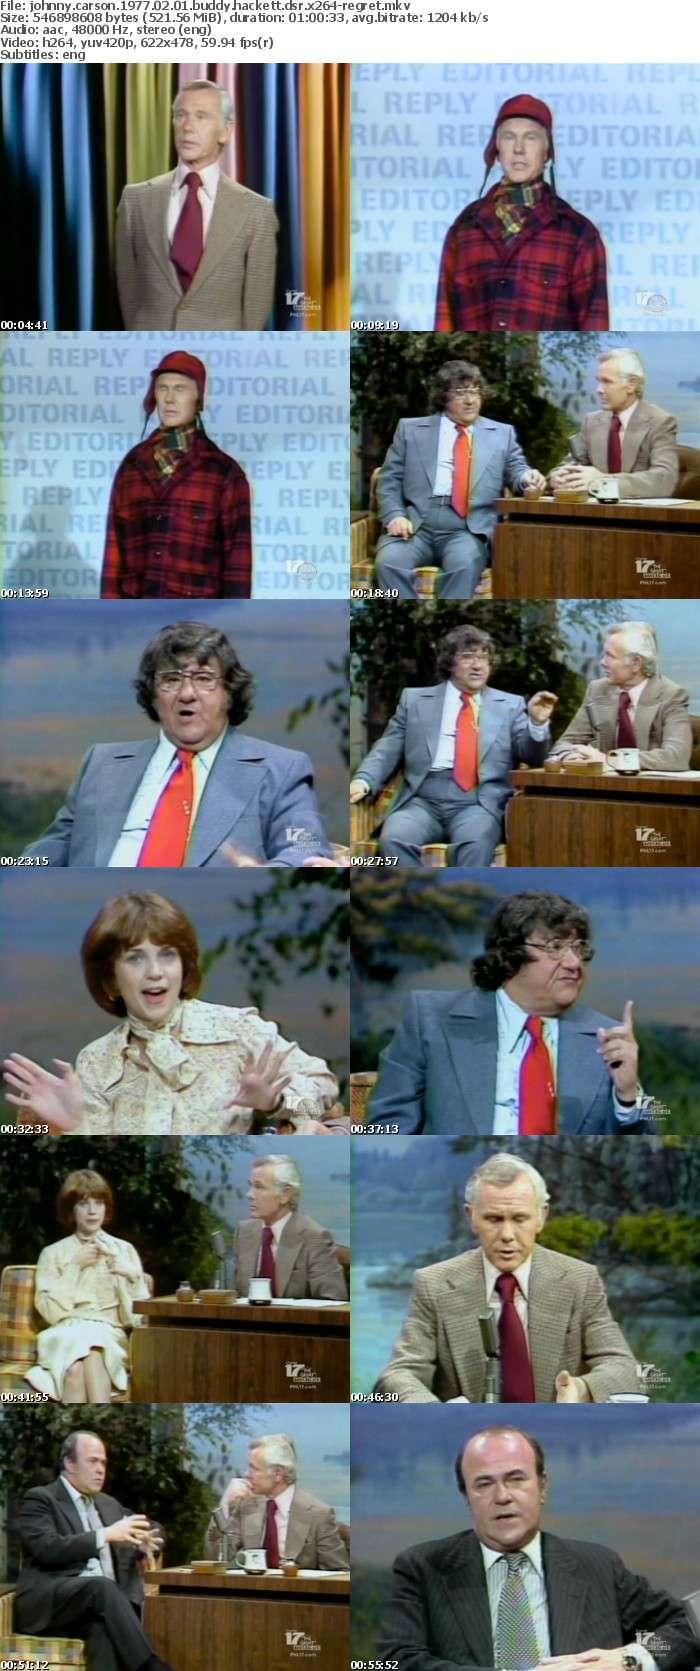 Johnny Carson 1977 02 01 Buddy Hackett DSR x264-REGRET